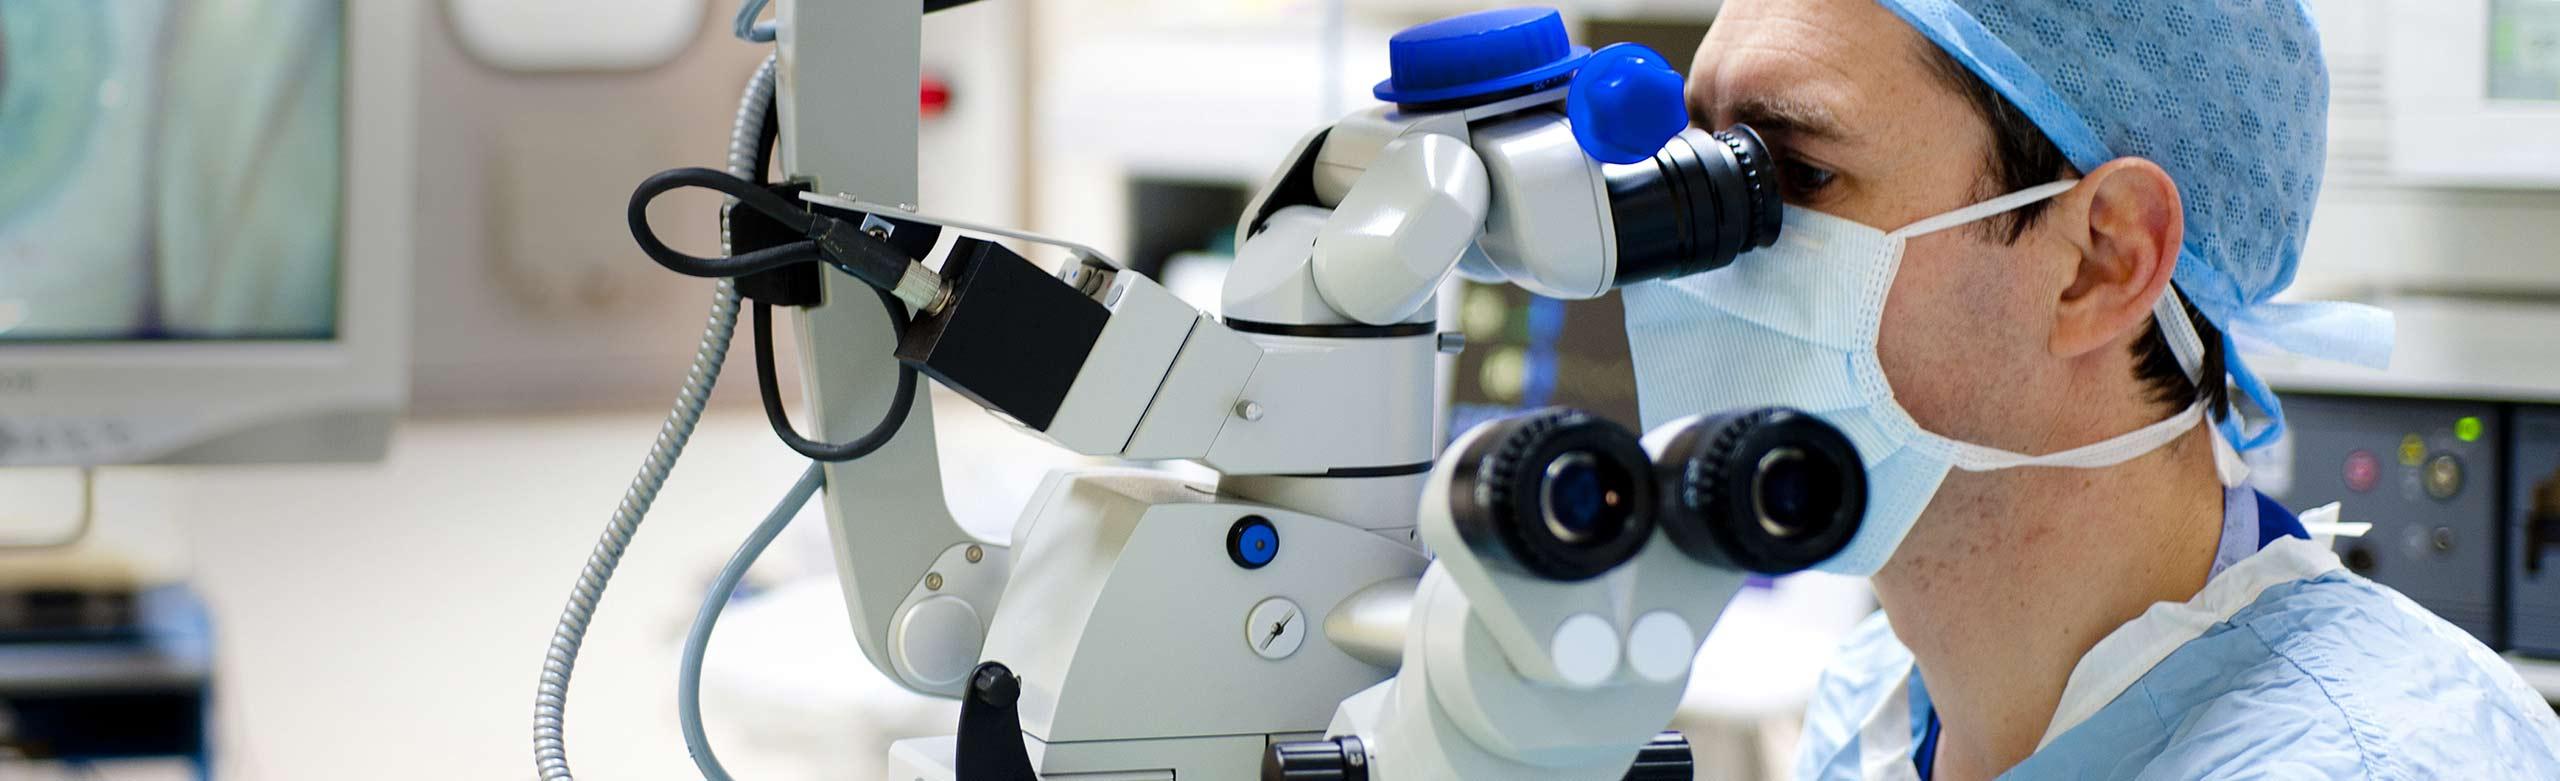 Chirurgien ophtalmologiste en train de pratiquer une chirurgie de la cataracte